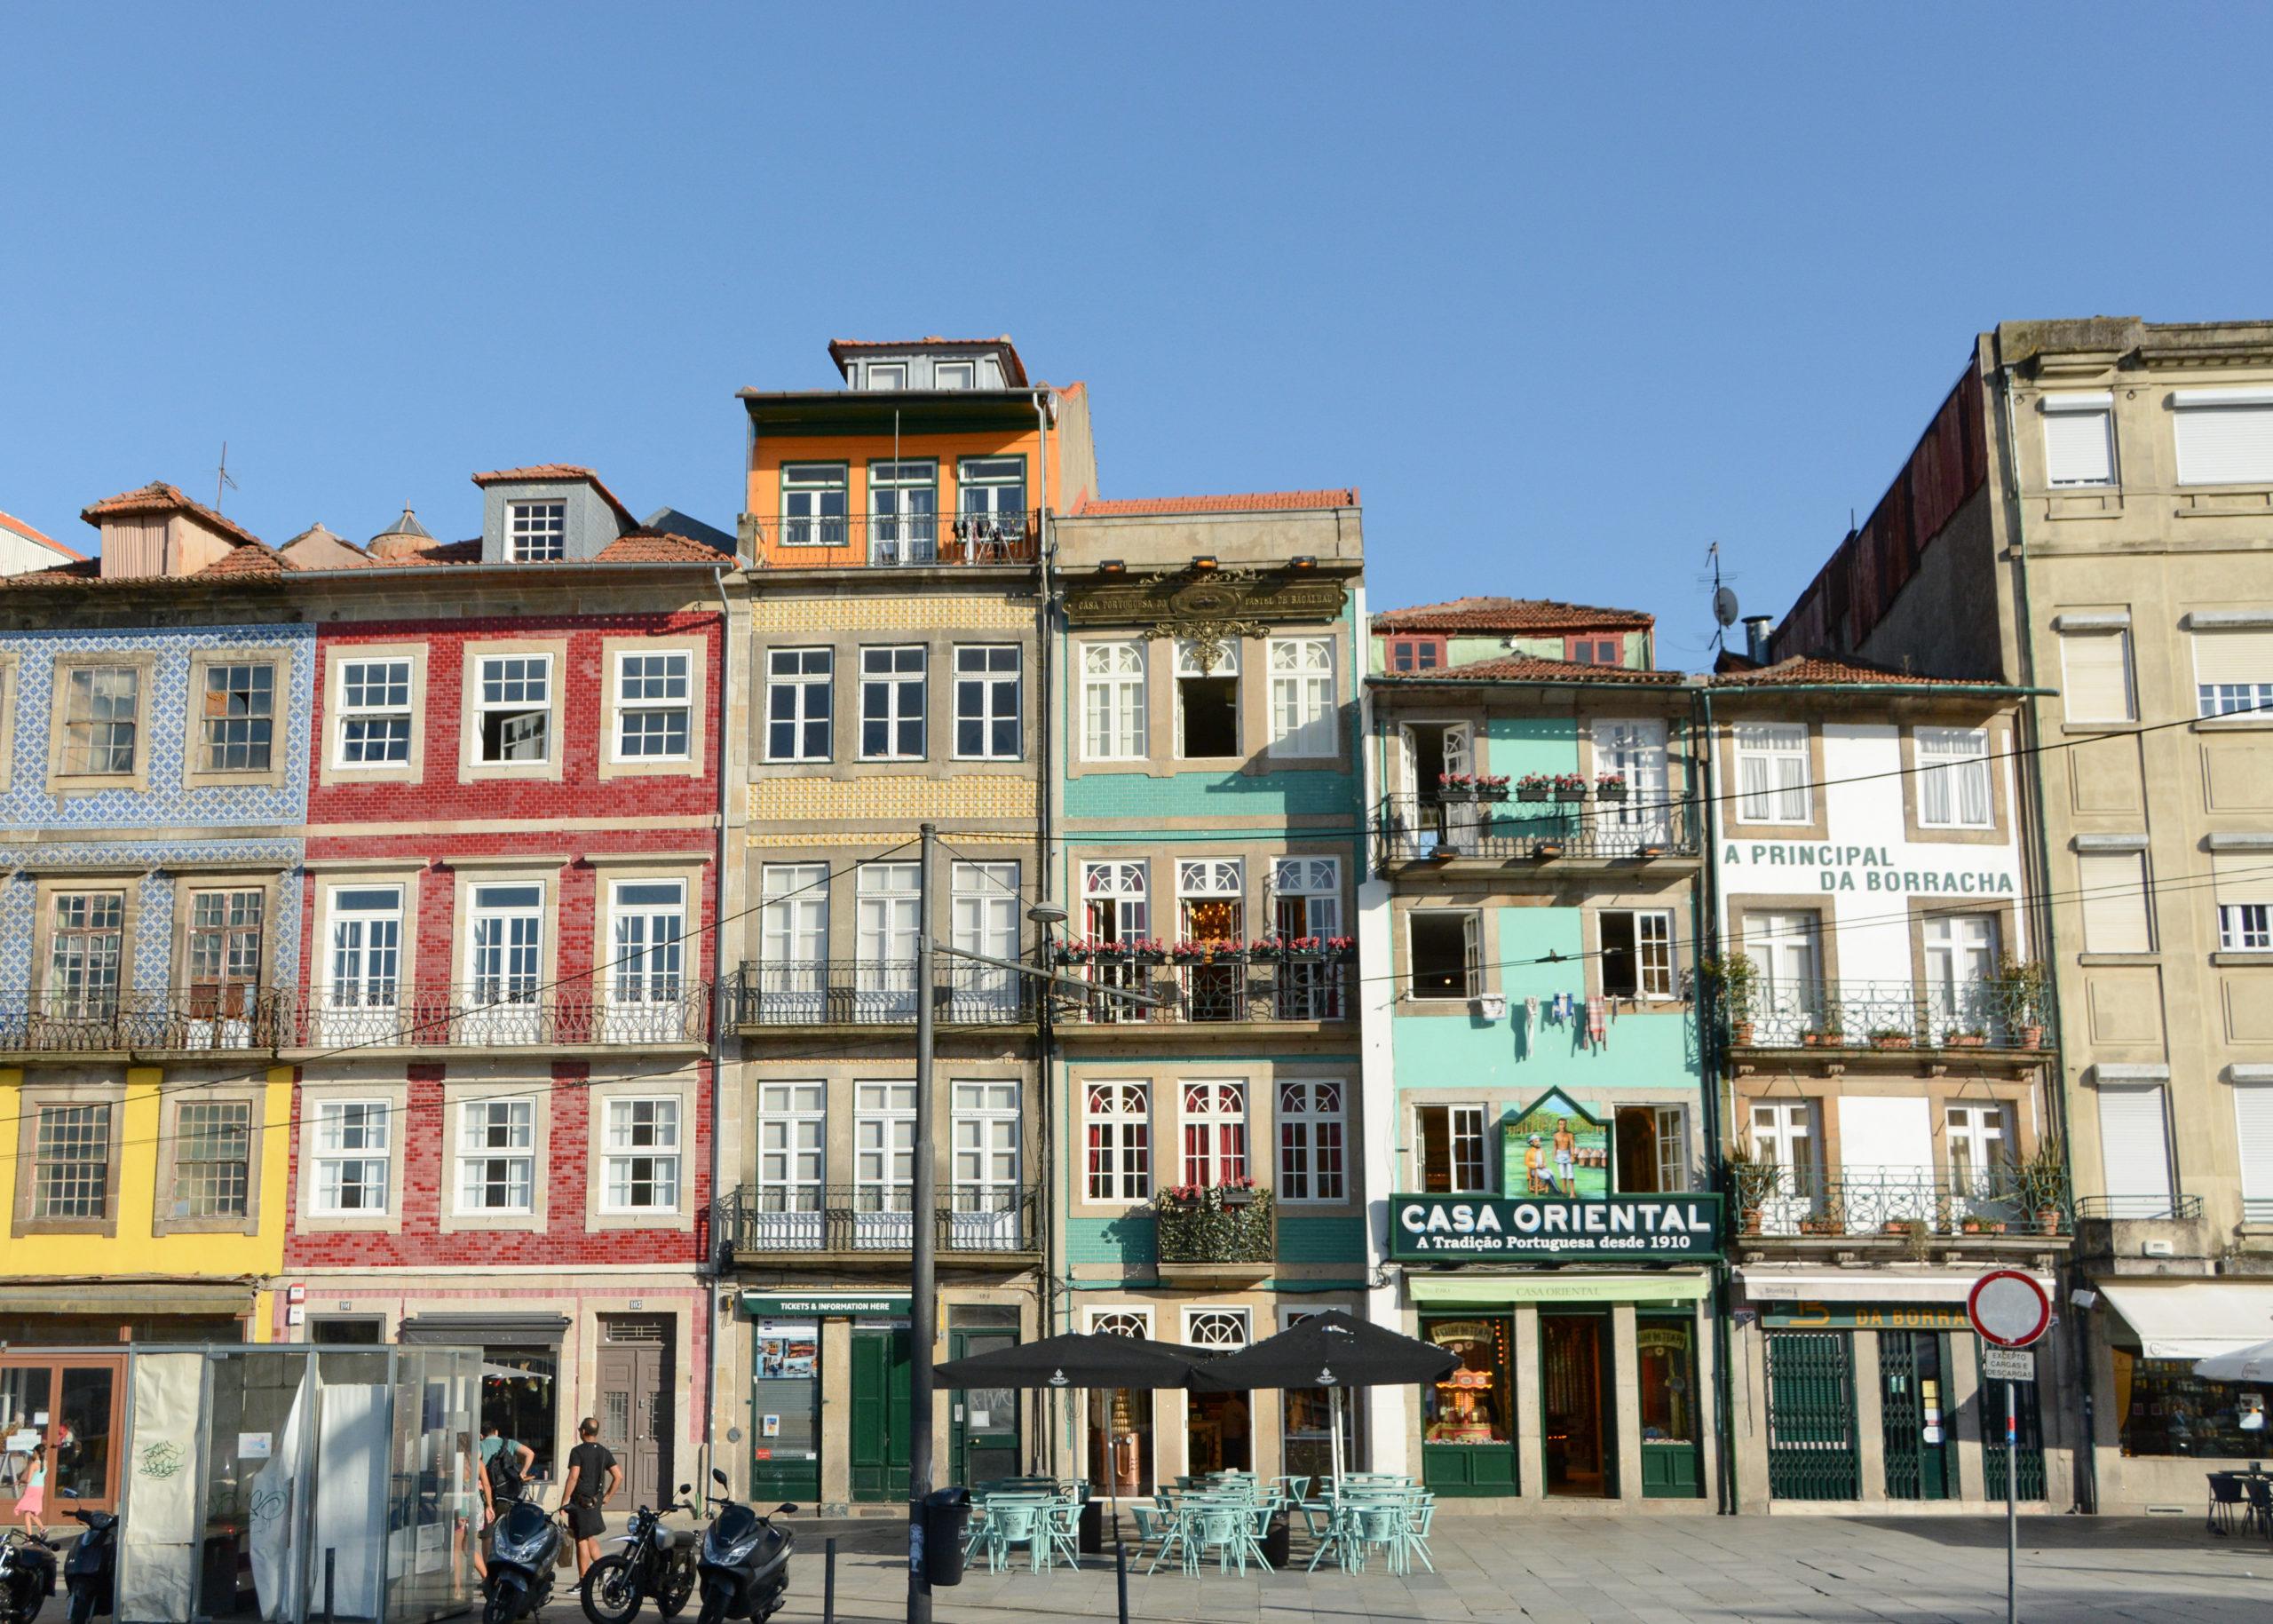 Die Rua dos Caldareiros in Porto mit alten Häusern